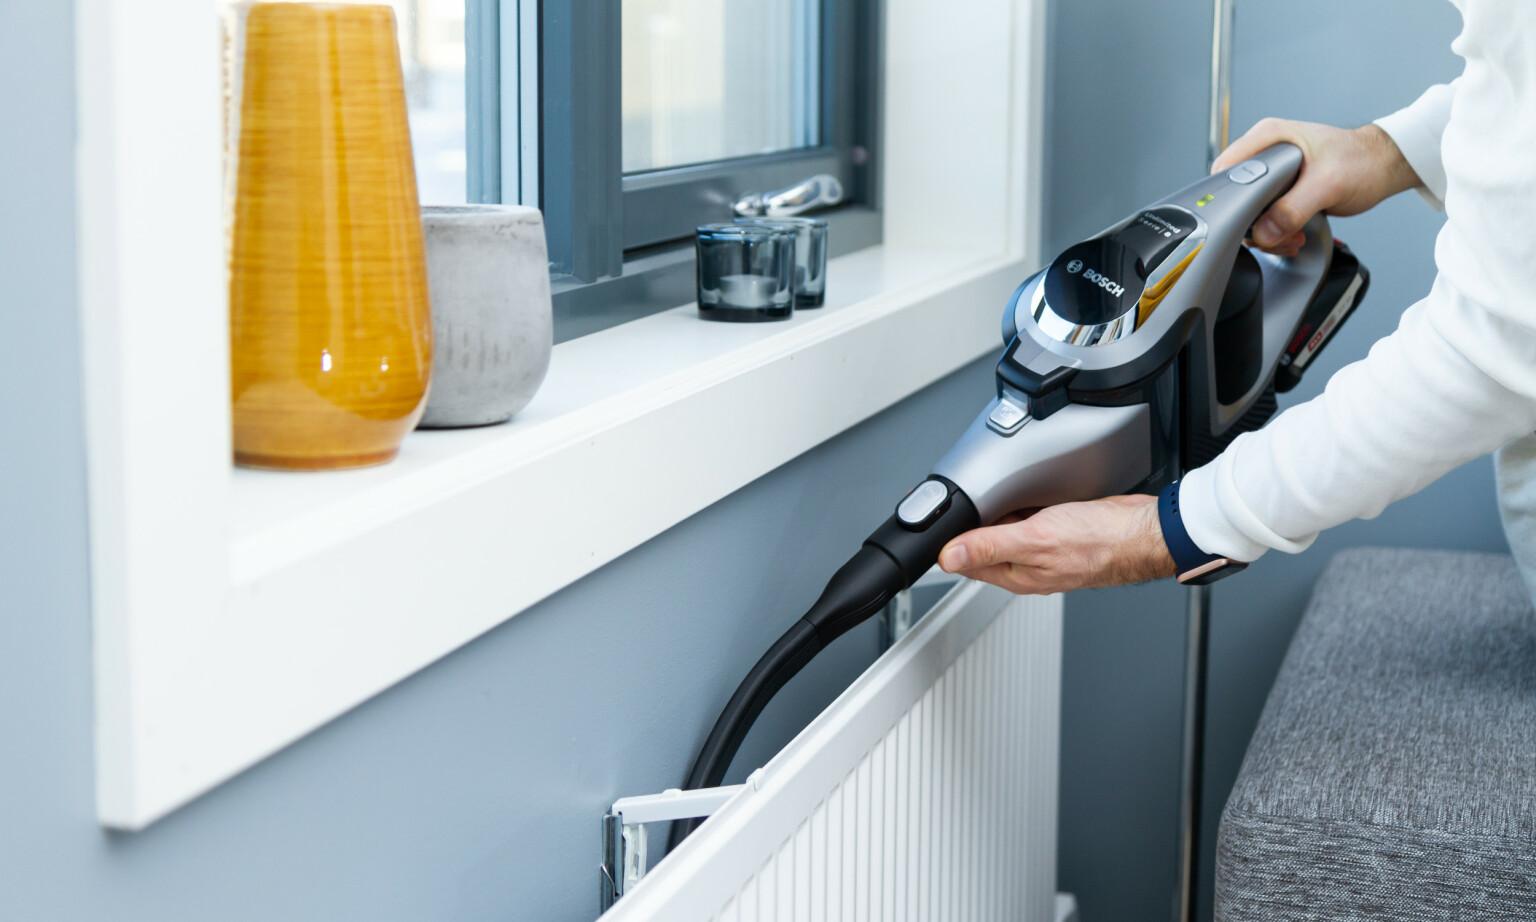 FLEKSIBEL: Et langt og fleksibelt sprekkmunnstykket gjør at Bosch kommer lett til på trange plasser. Foto: Tron Høgvold